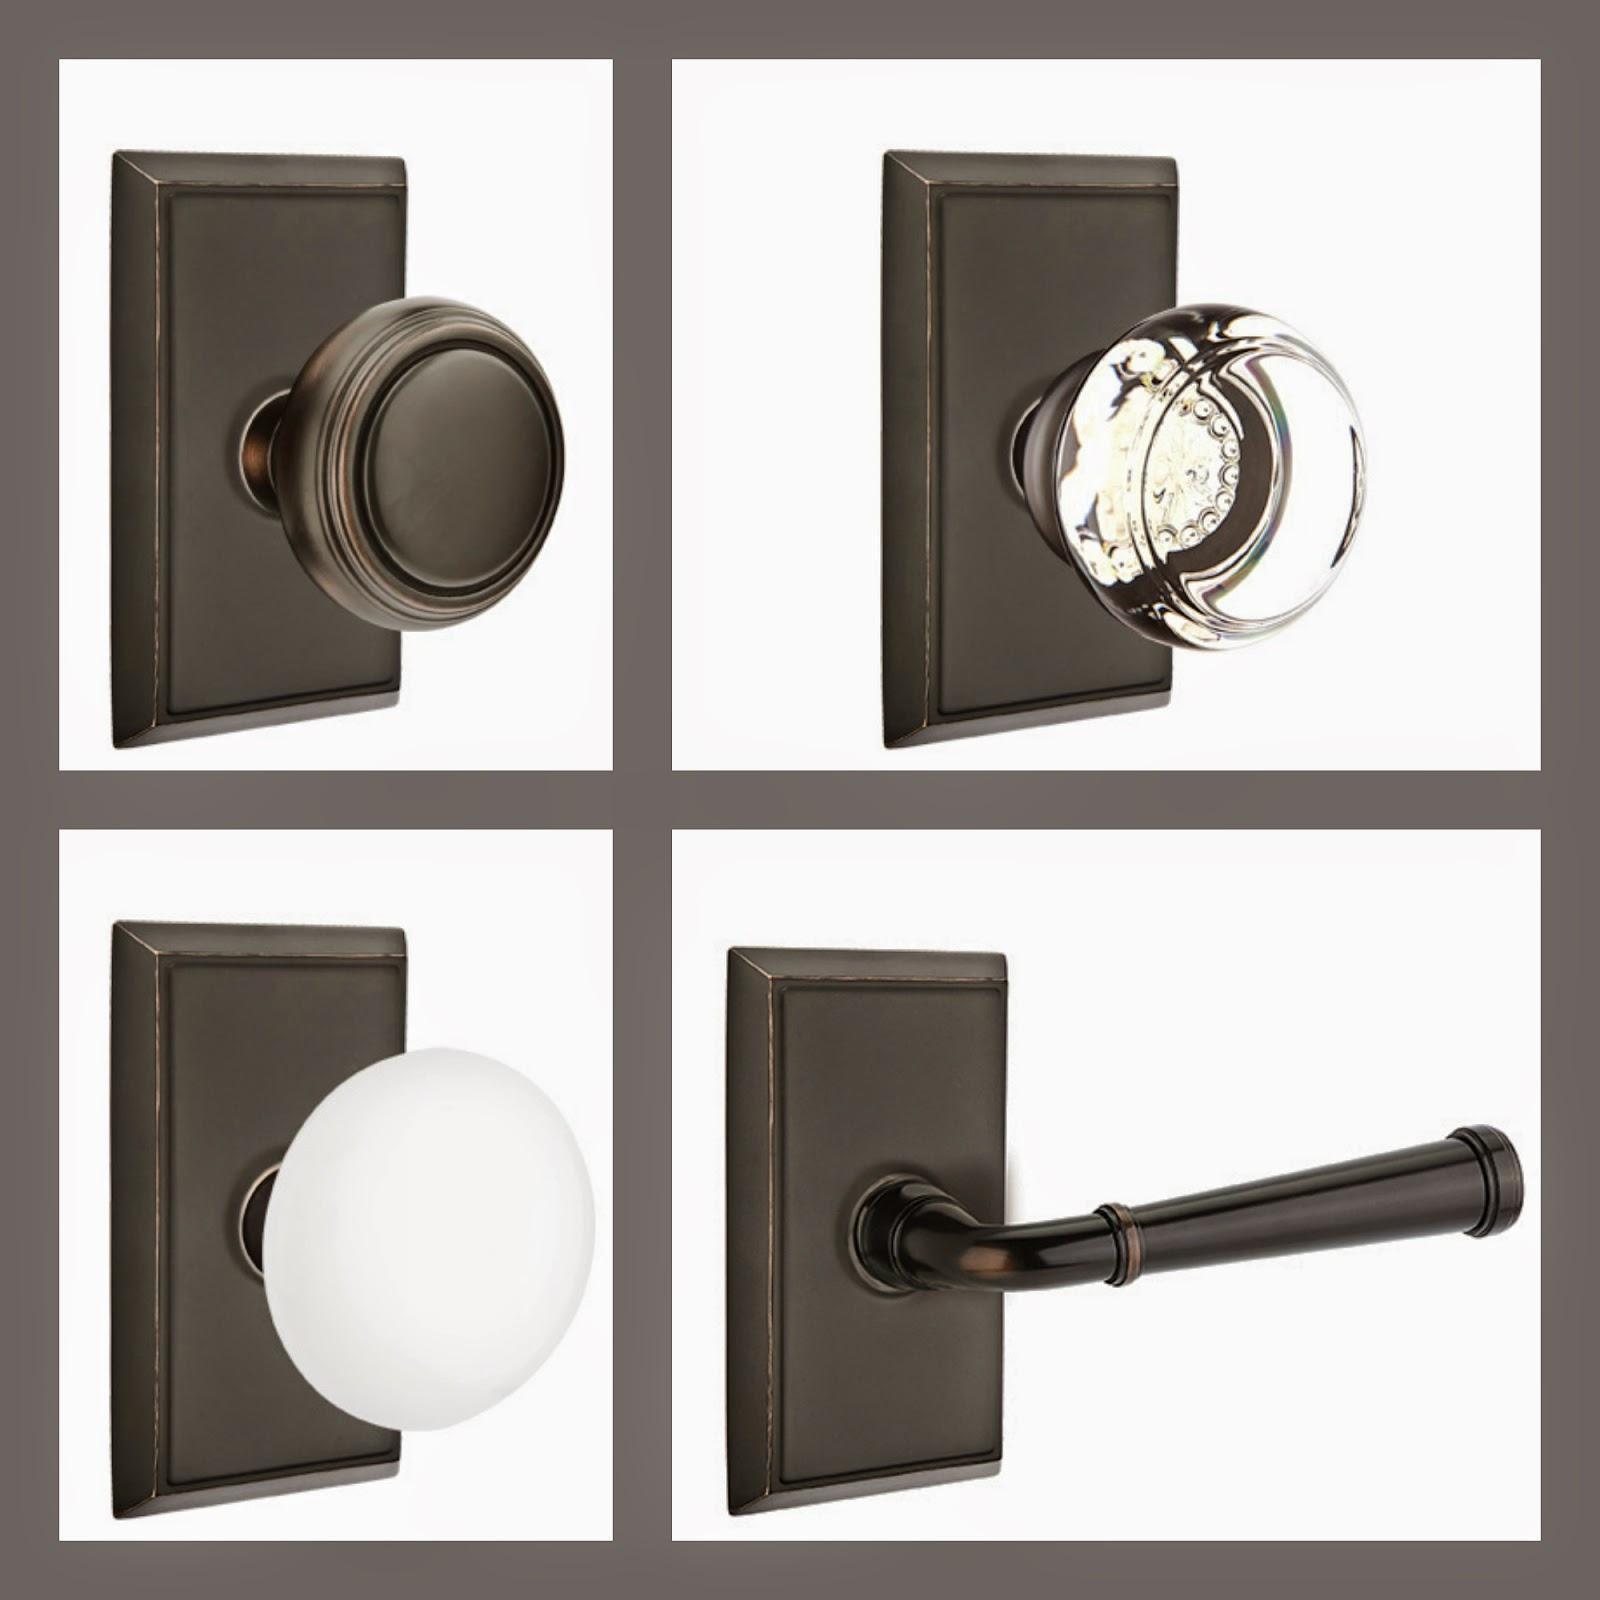 inside door knobs photo - 20